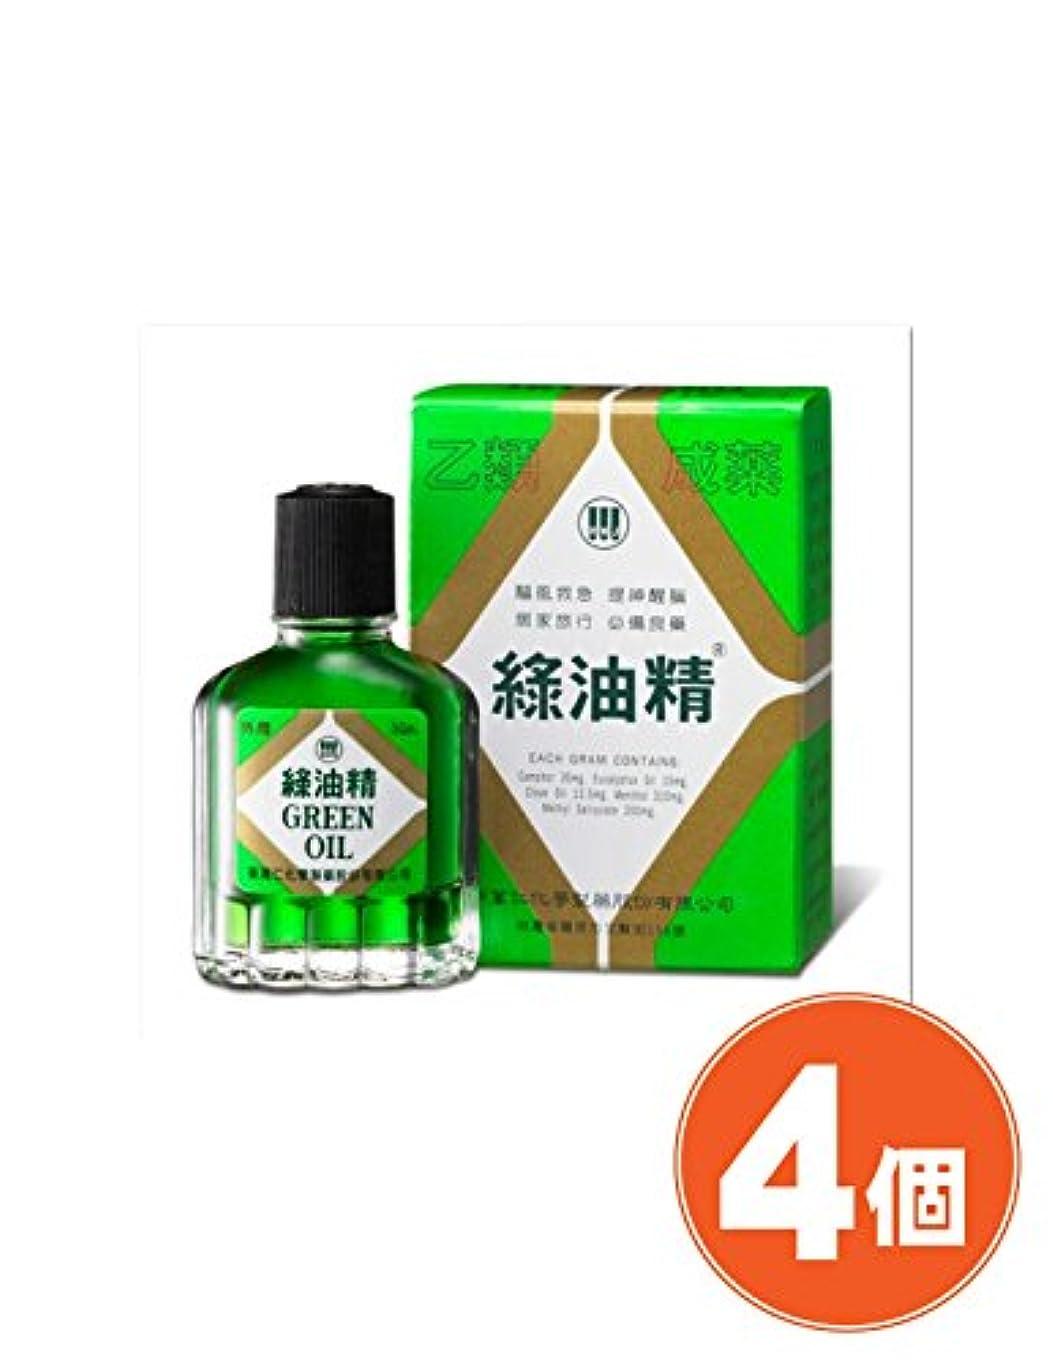 店員明日きつく《新萬仁》台湾の万能グリーンオイル 緑油精 3g ×4個 《台湾 お土産》 [並行輸入品]